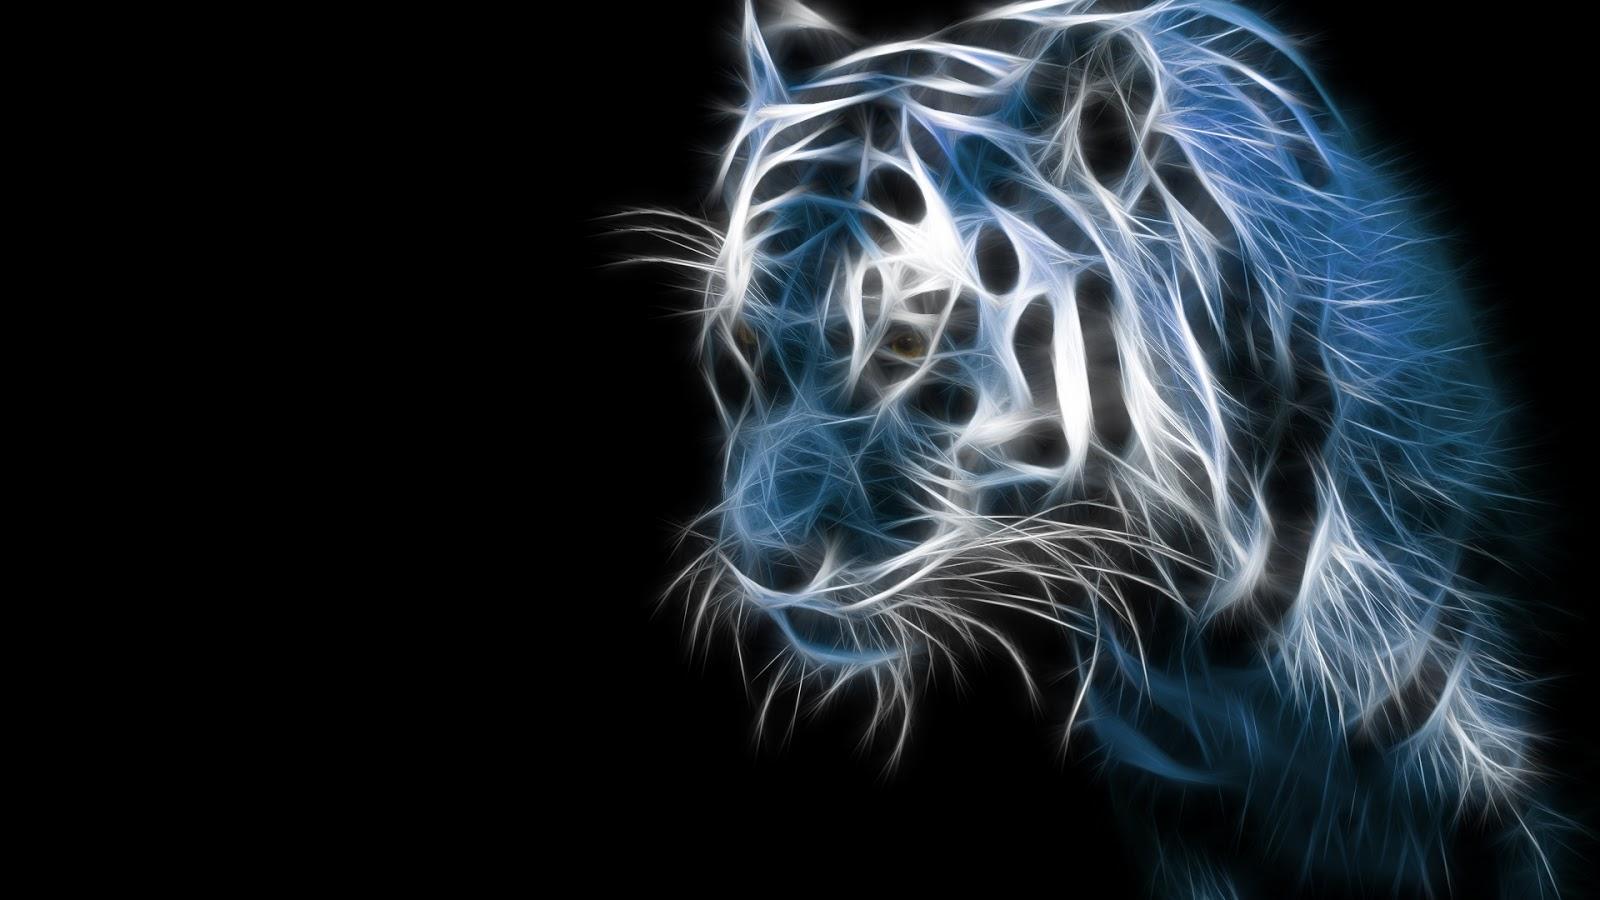 desktop 3d white tiger - photo #30